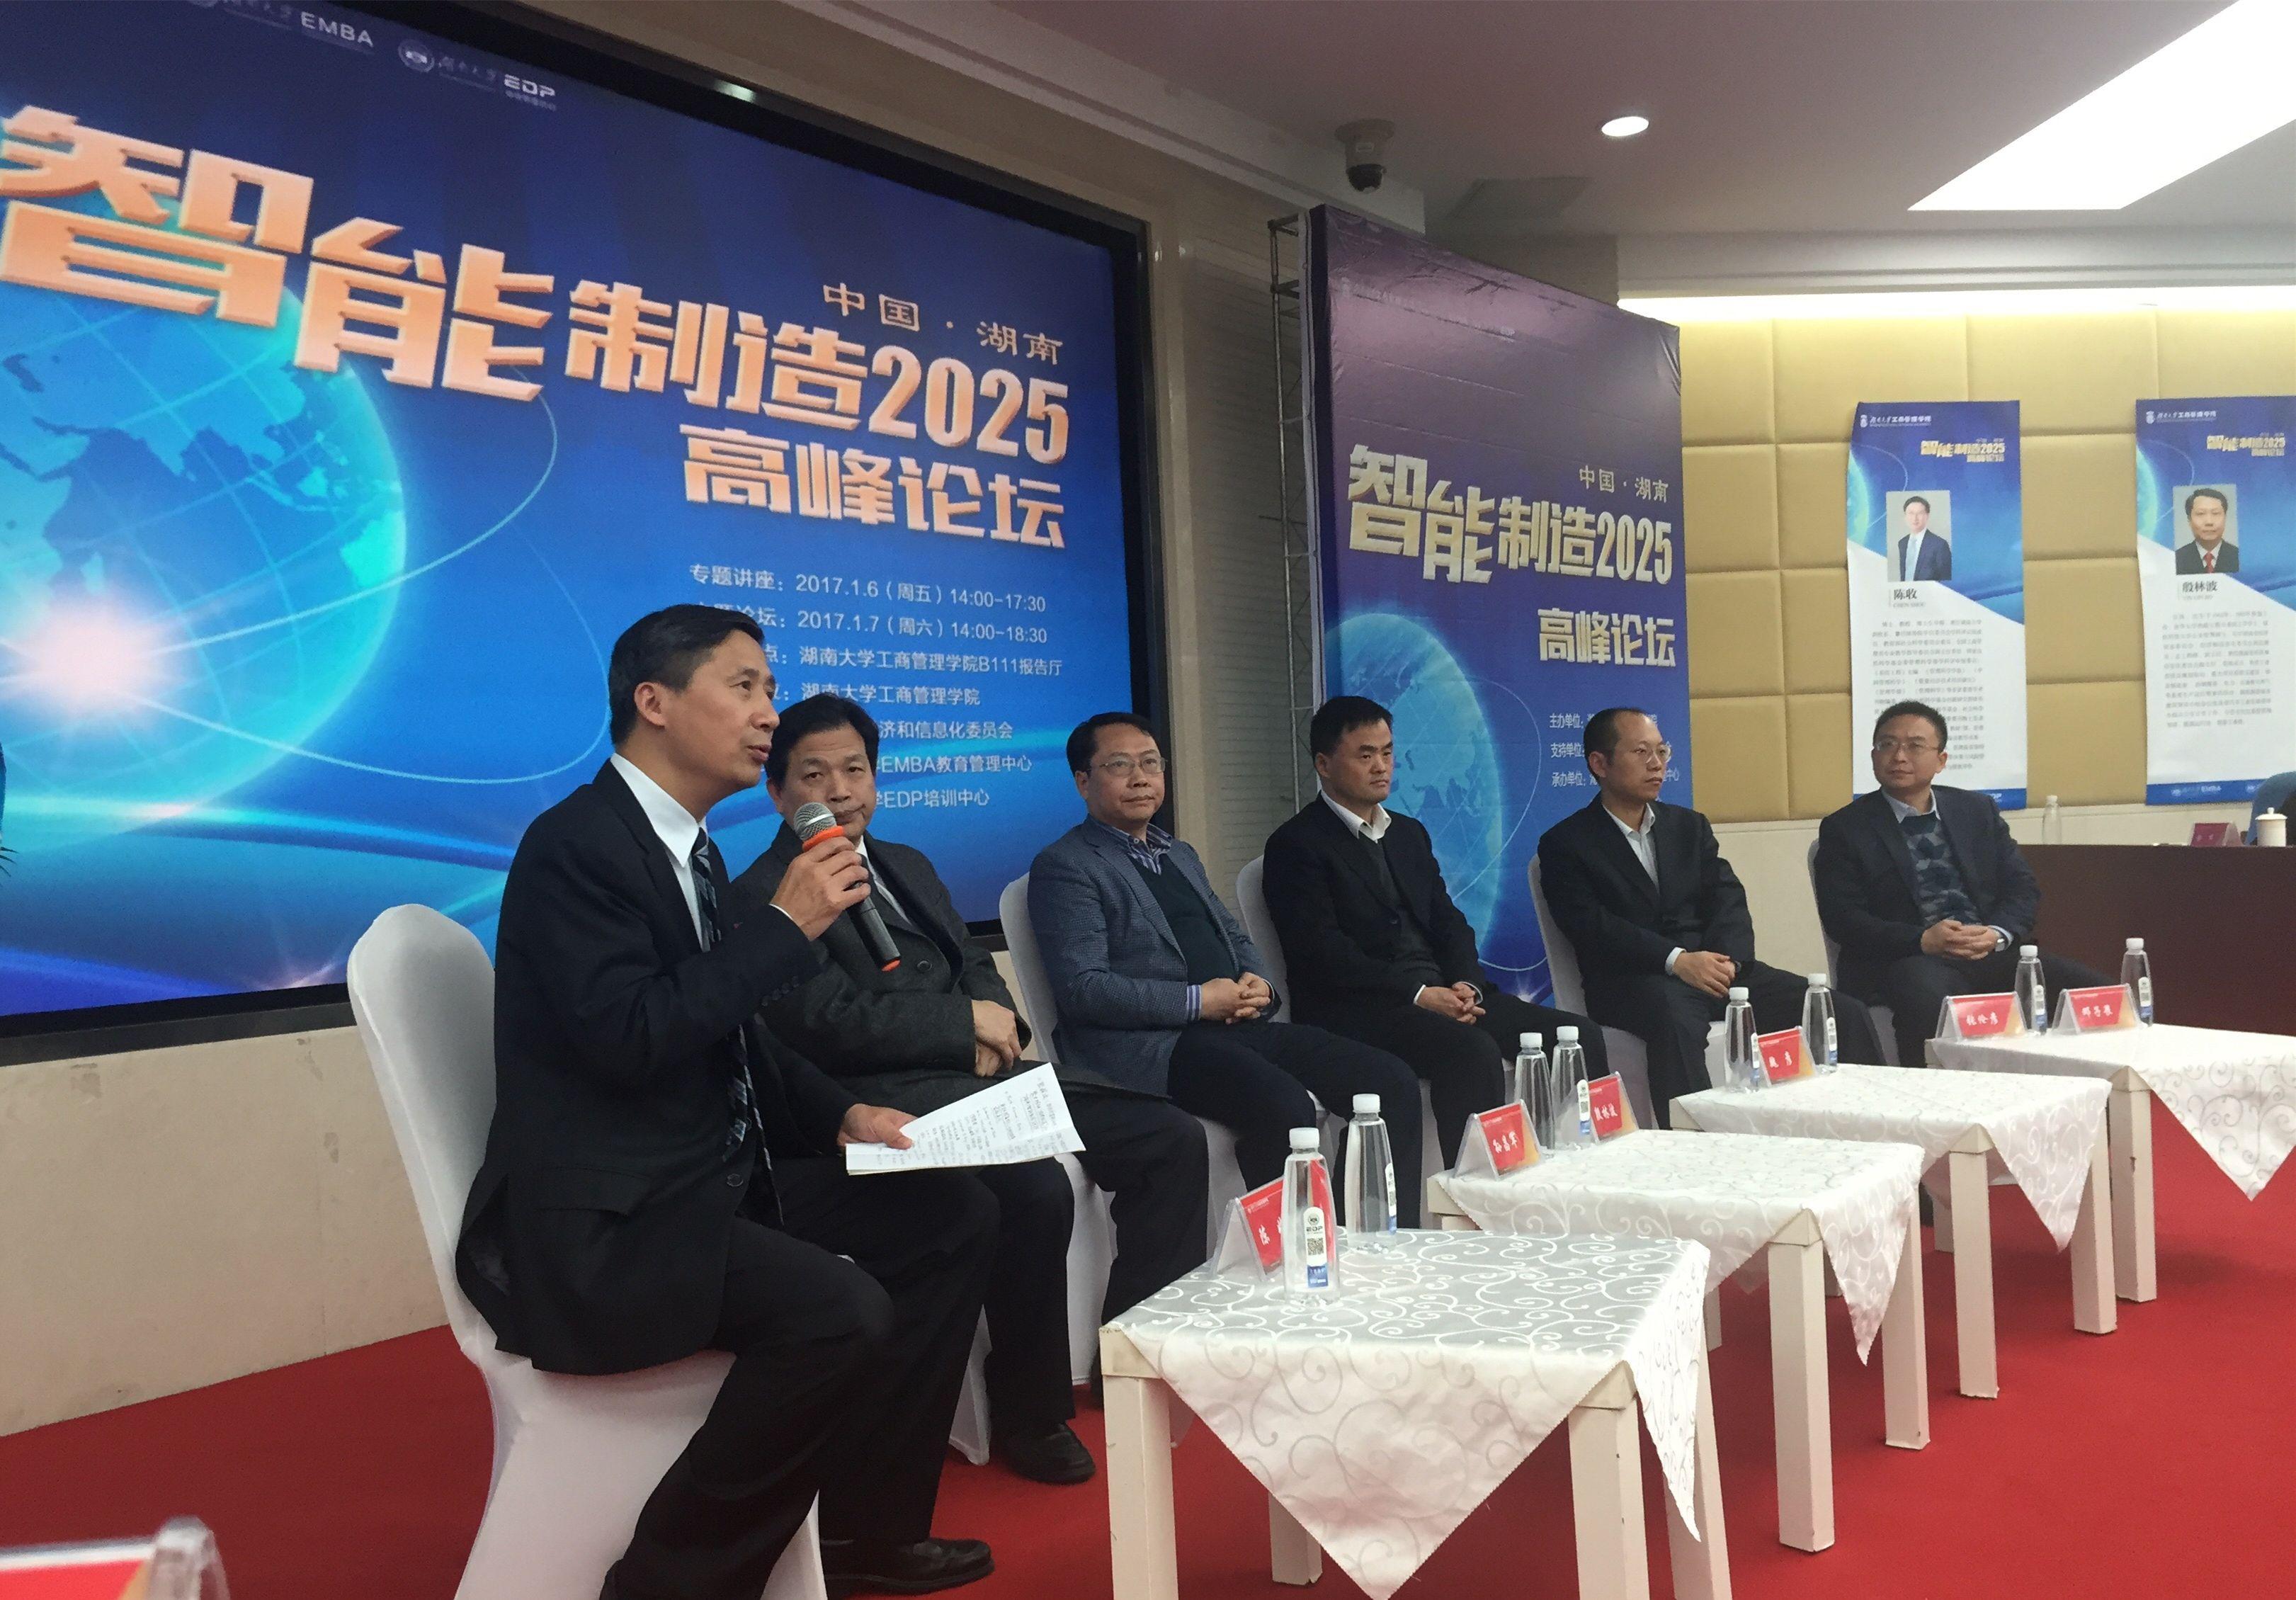 我校举行中国湖南智能制造2025高峰论坛视频-图文